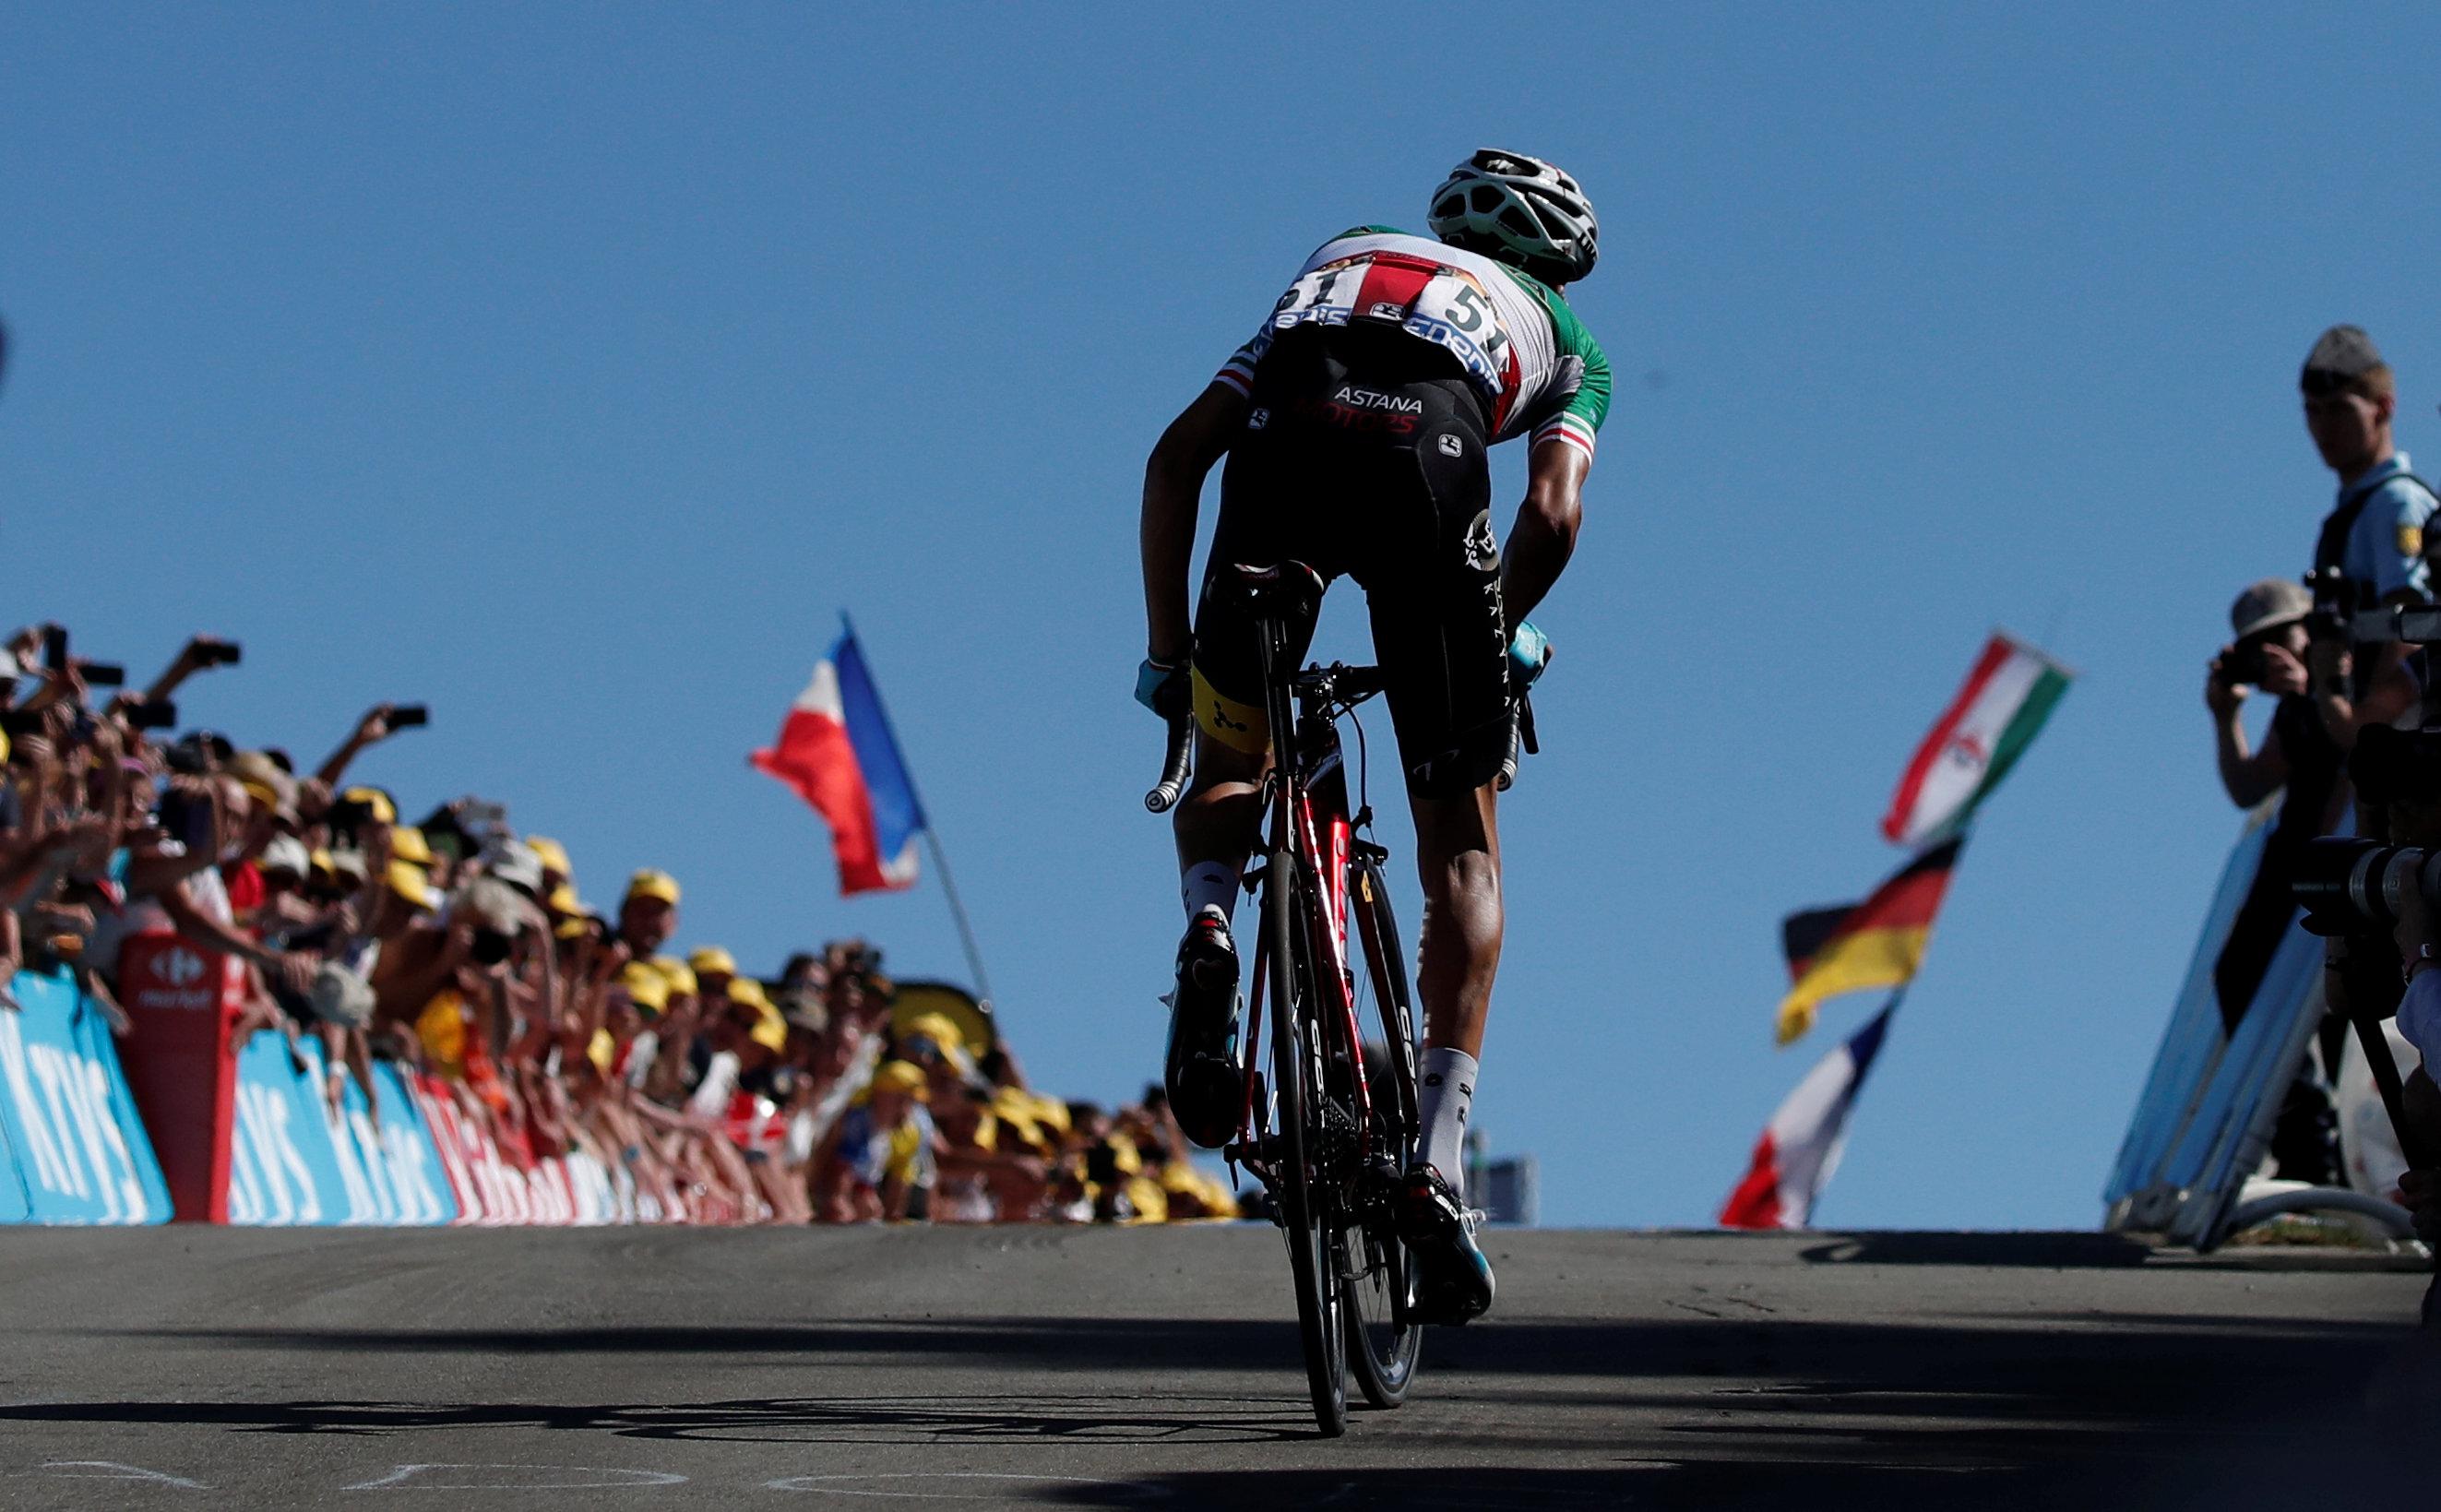 Cyclisme - Tour de France - La Planche des Belles Filles: un rendez-vous très attendu au sommet pour les favoris